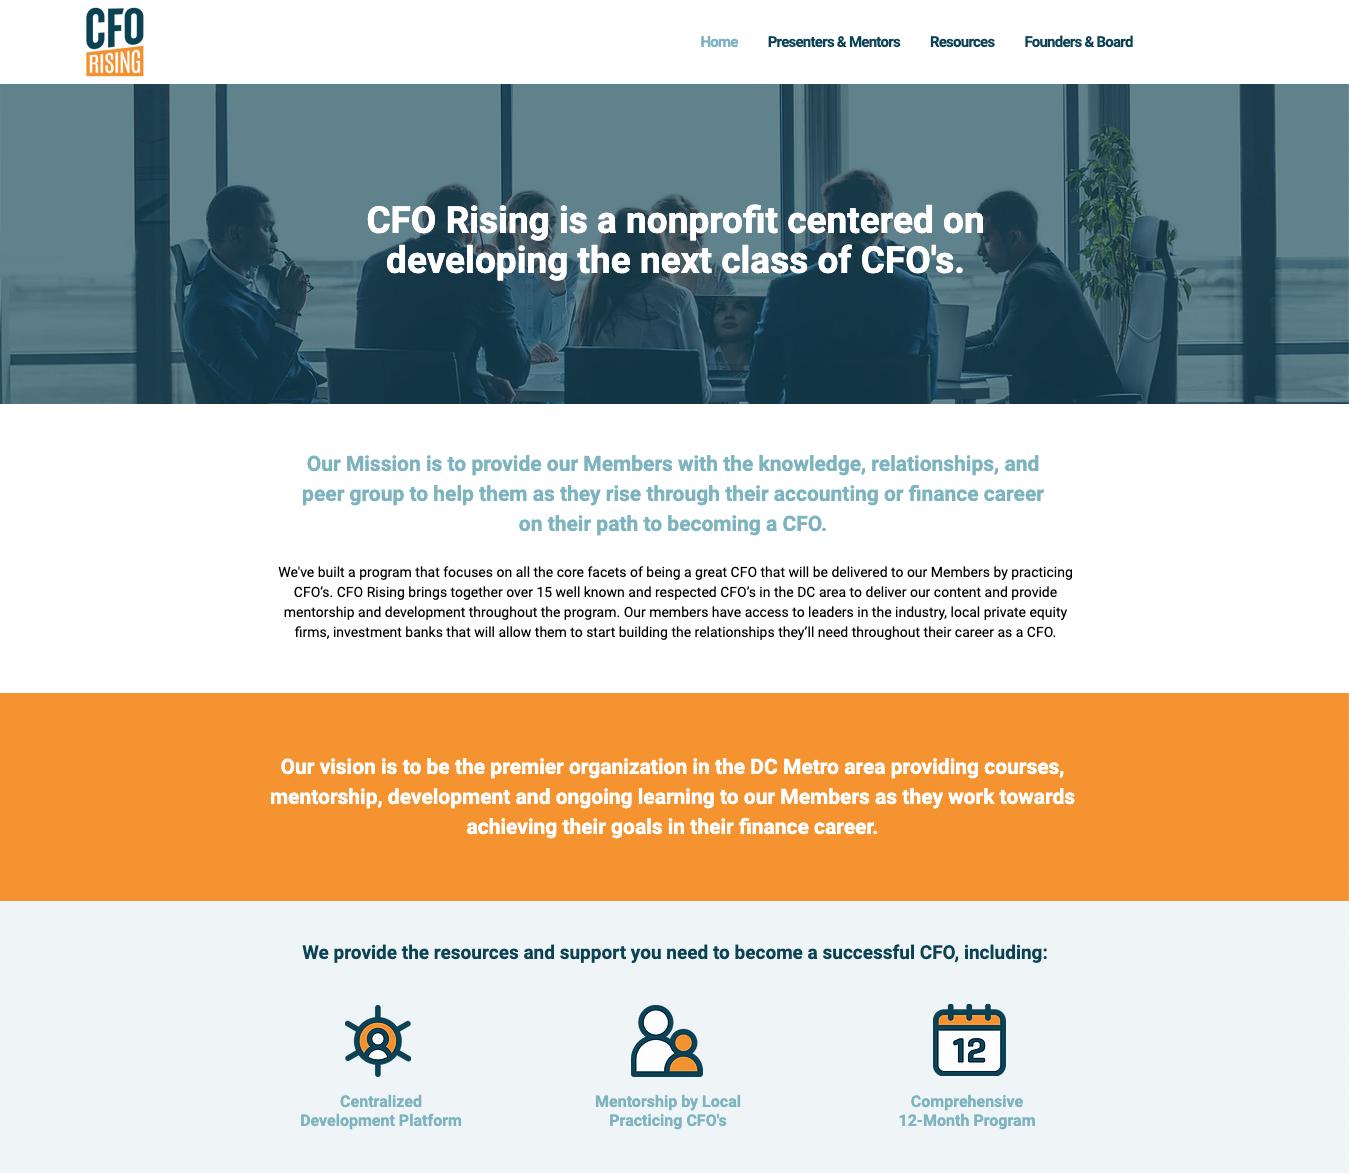 CFO Rising Official Website